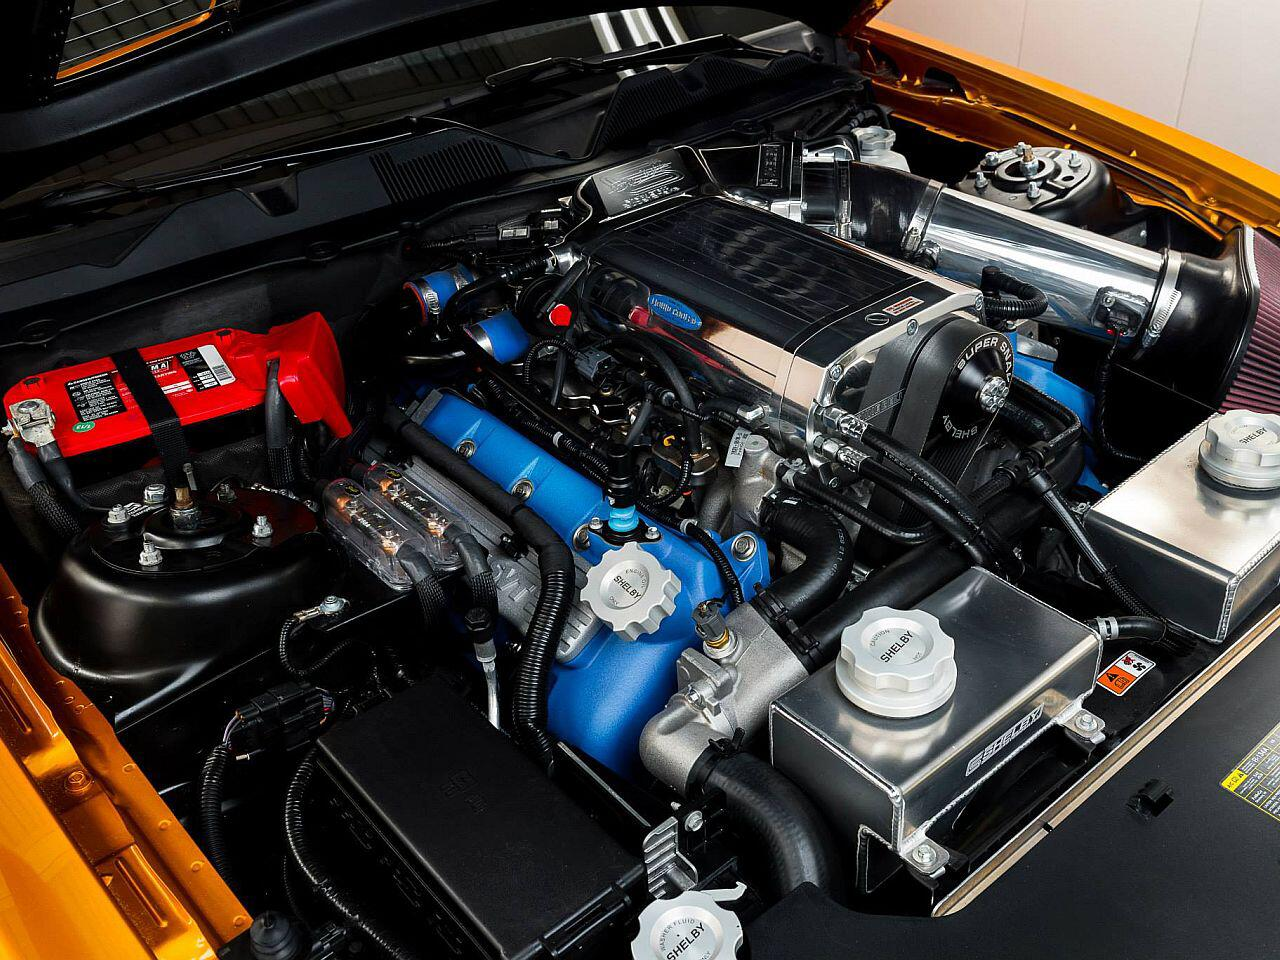 Bild zu Unter der Haube des Shelby GT500 Super Snake blieb alles beim Alten